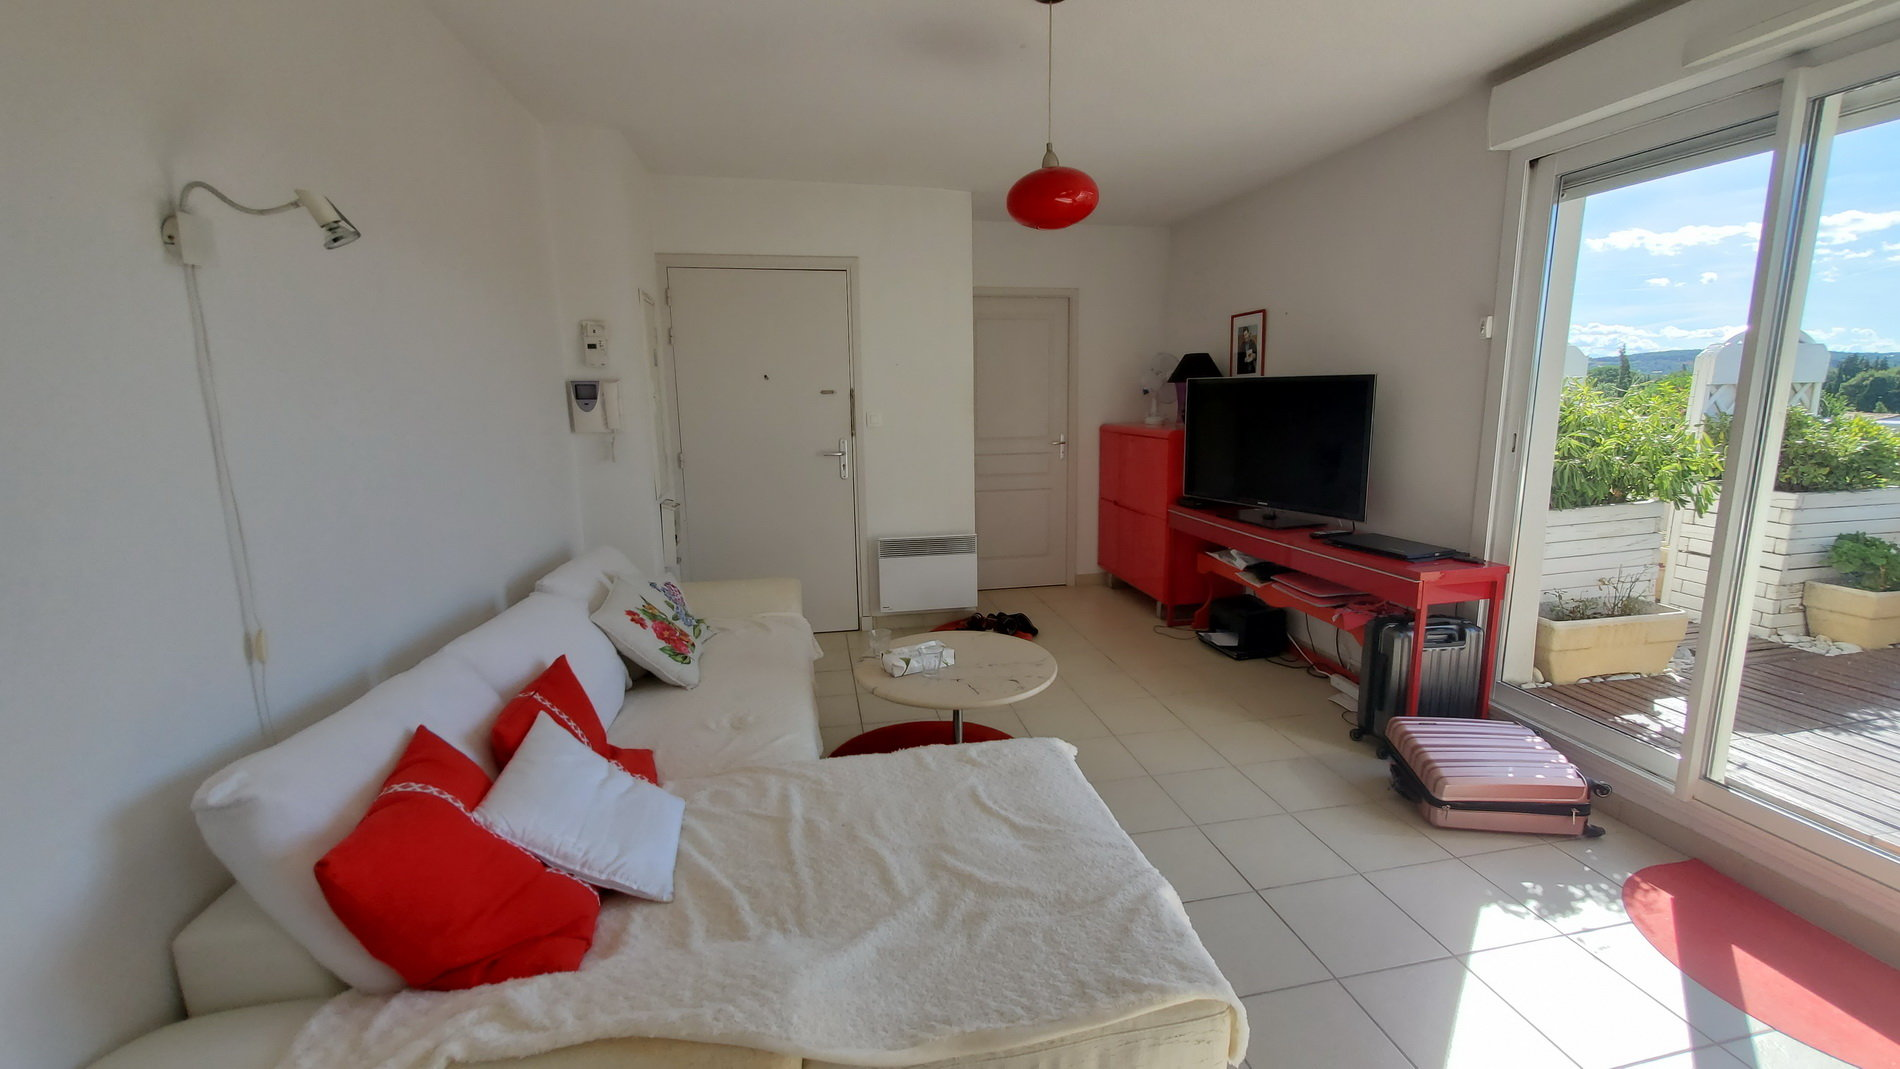 Appartement T2 avec grande terrasse et vue magnifique